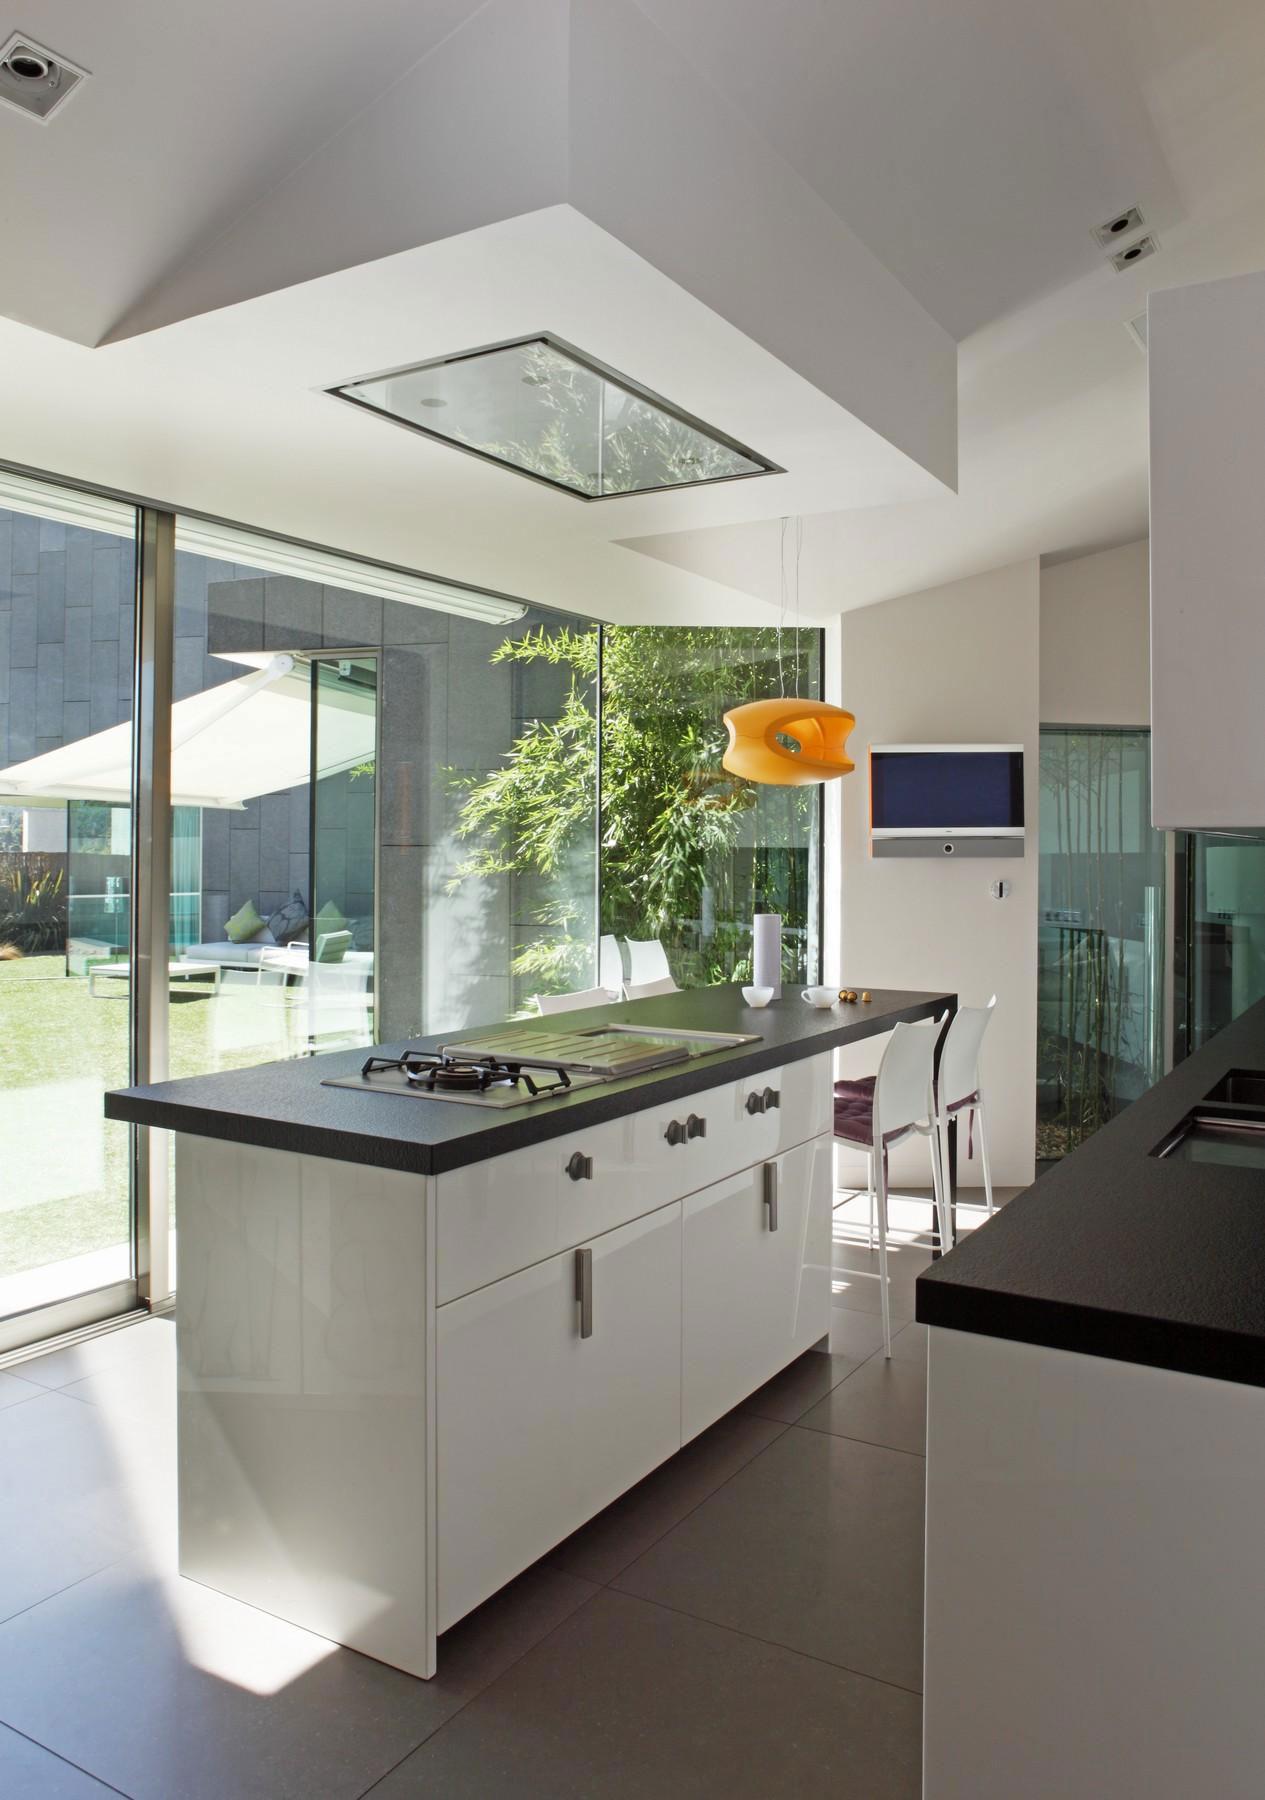 Роскошный интерьер кухни в загородном доме - Фото 23